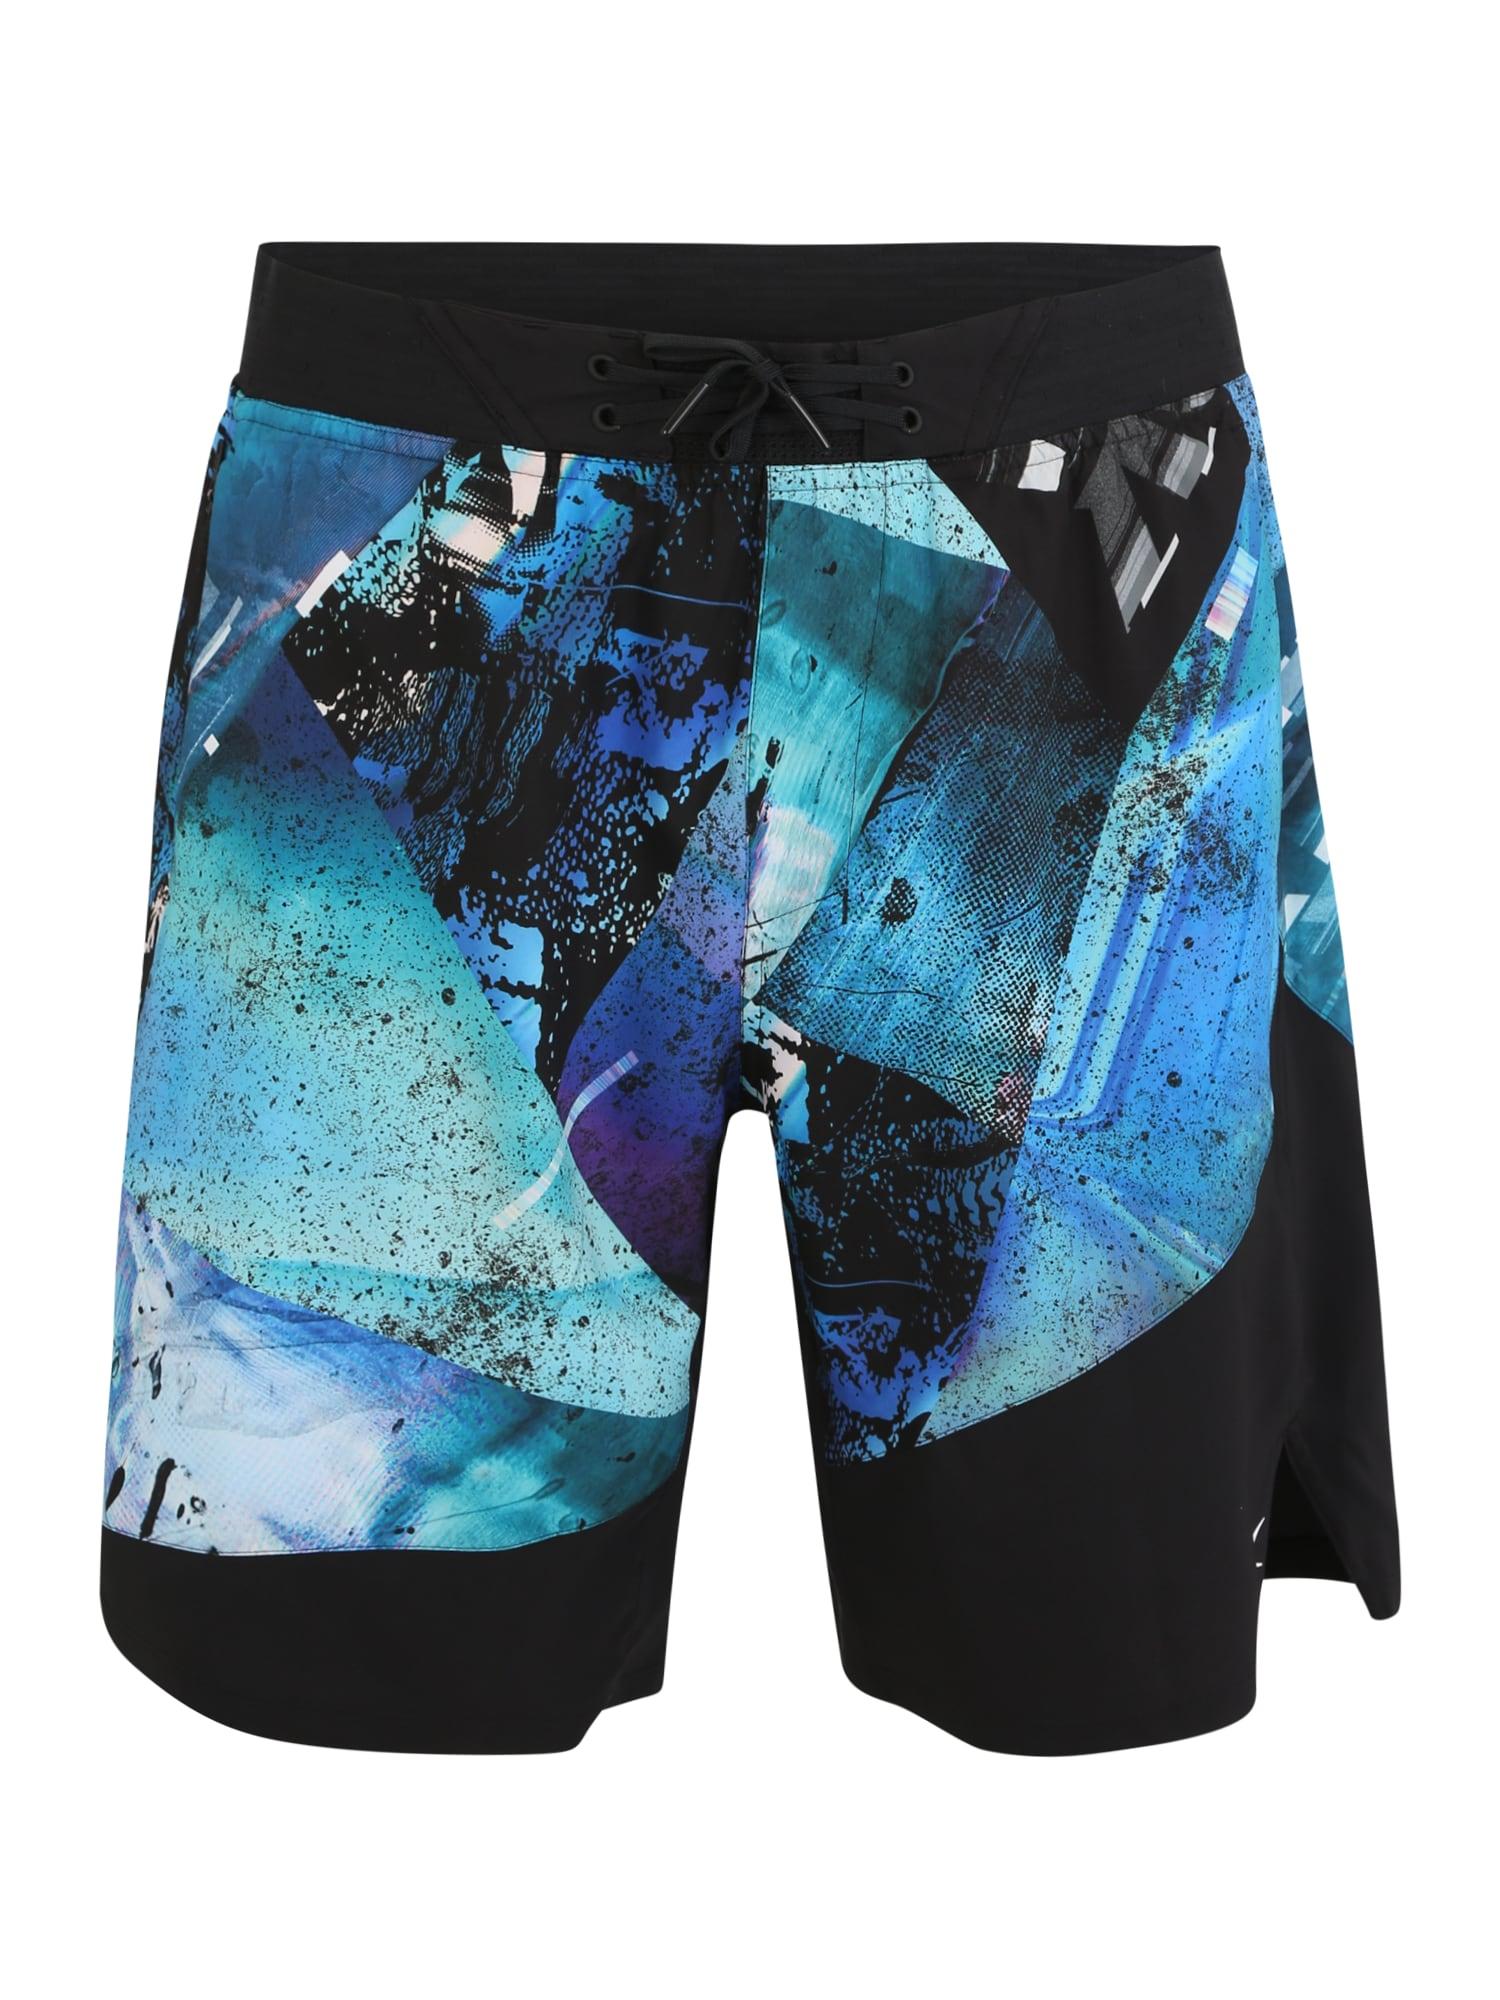 REEBOK Sportinės kelnės 'TS Epic Short Aop Q' mišrios spalvos / juoda / mėlyna